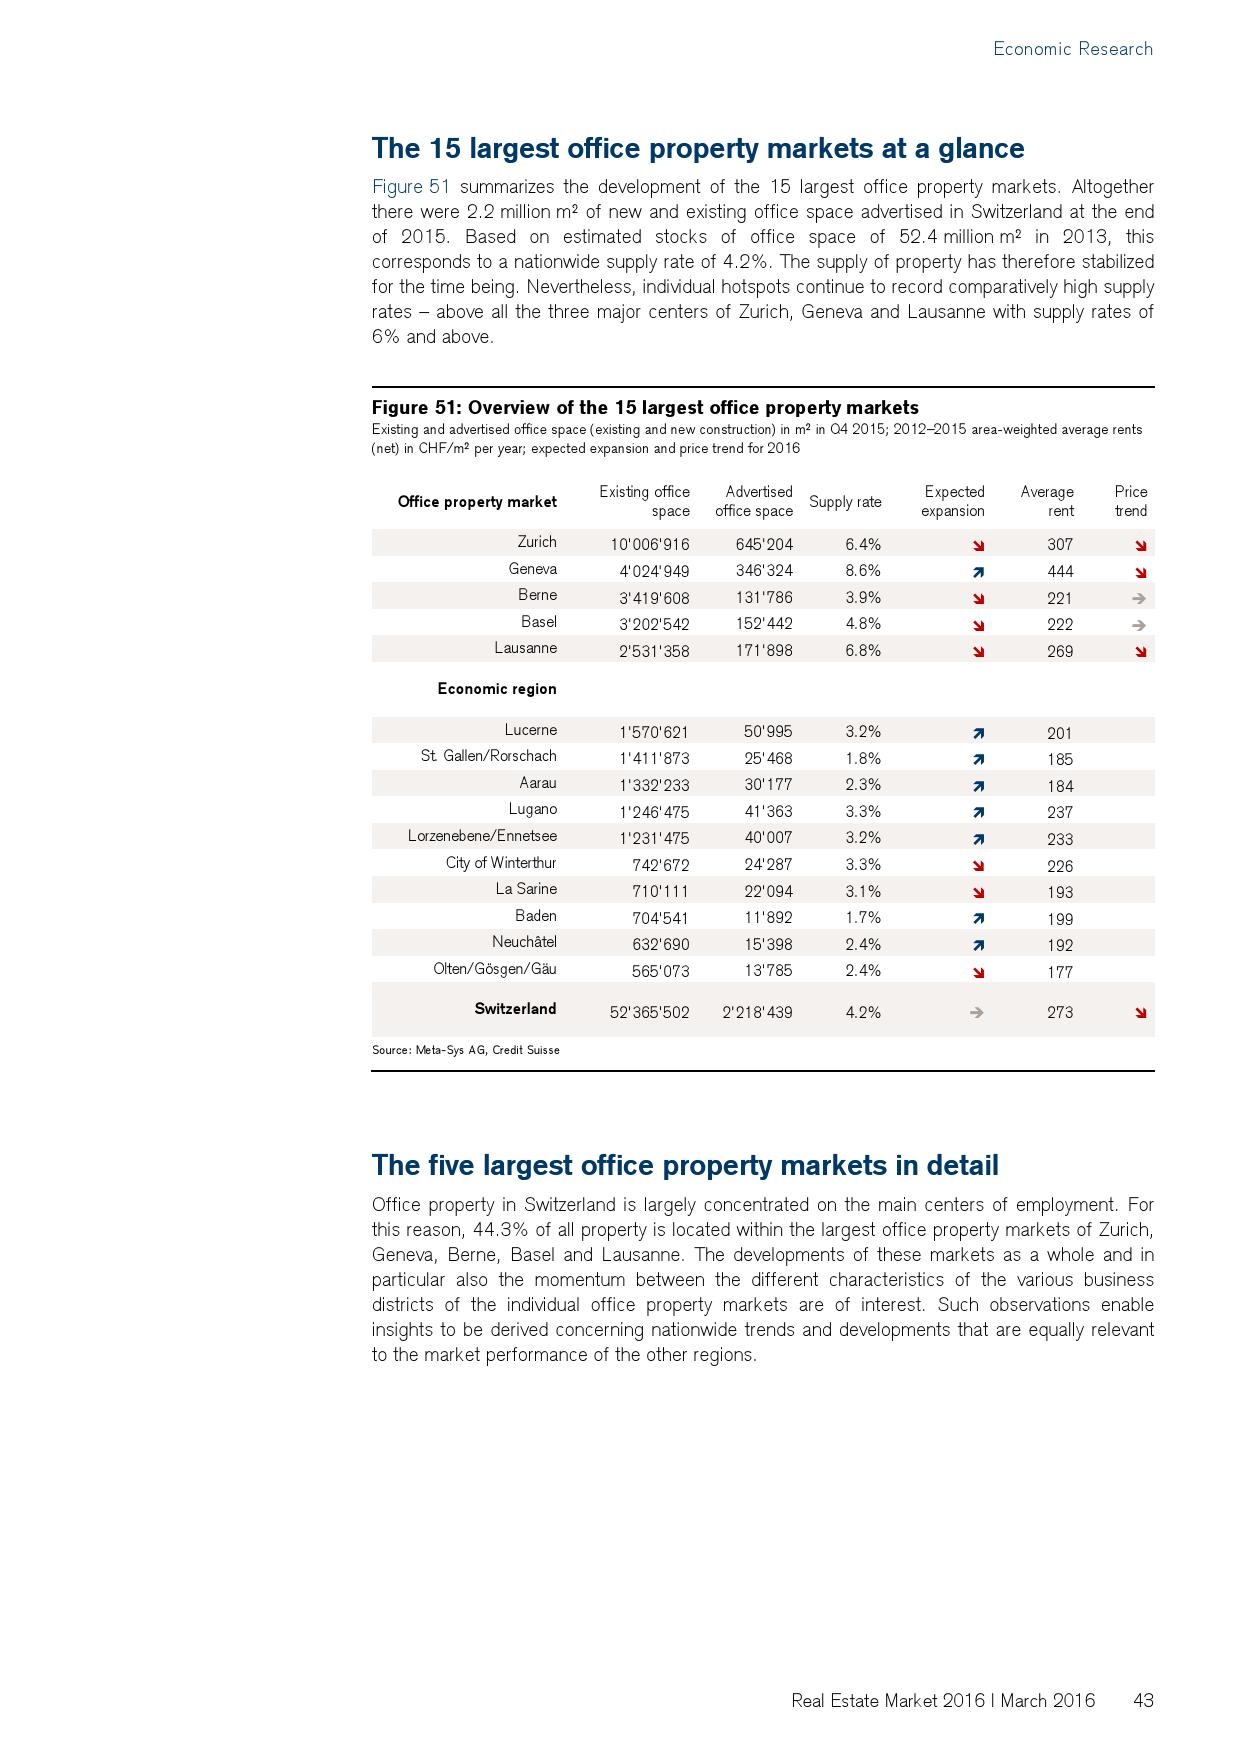 2016年瑞士房地产市场研究报告_000043